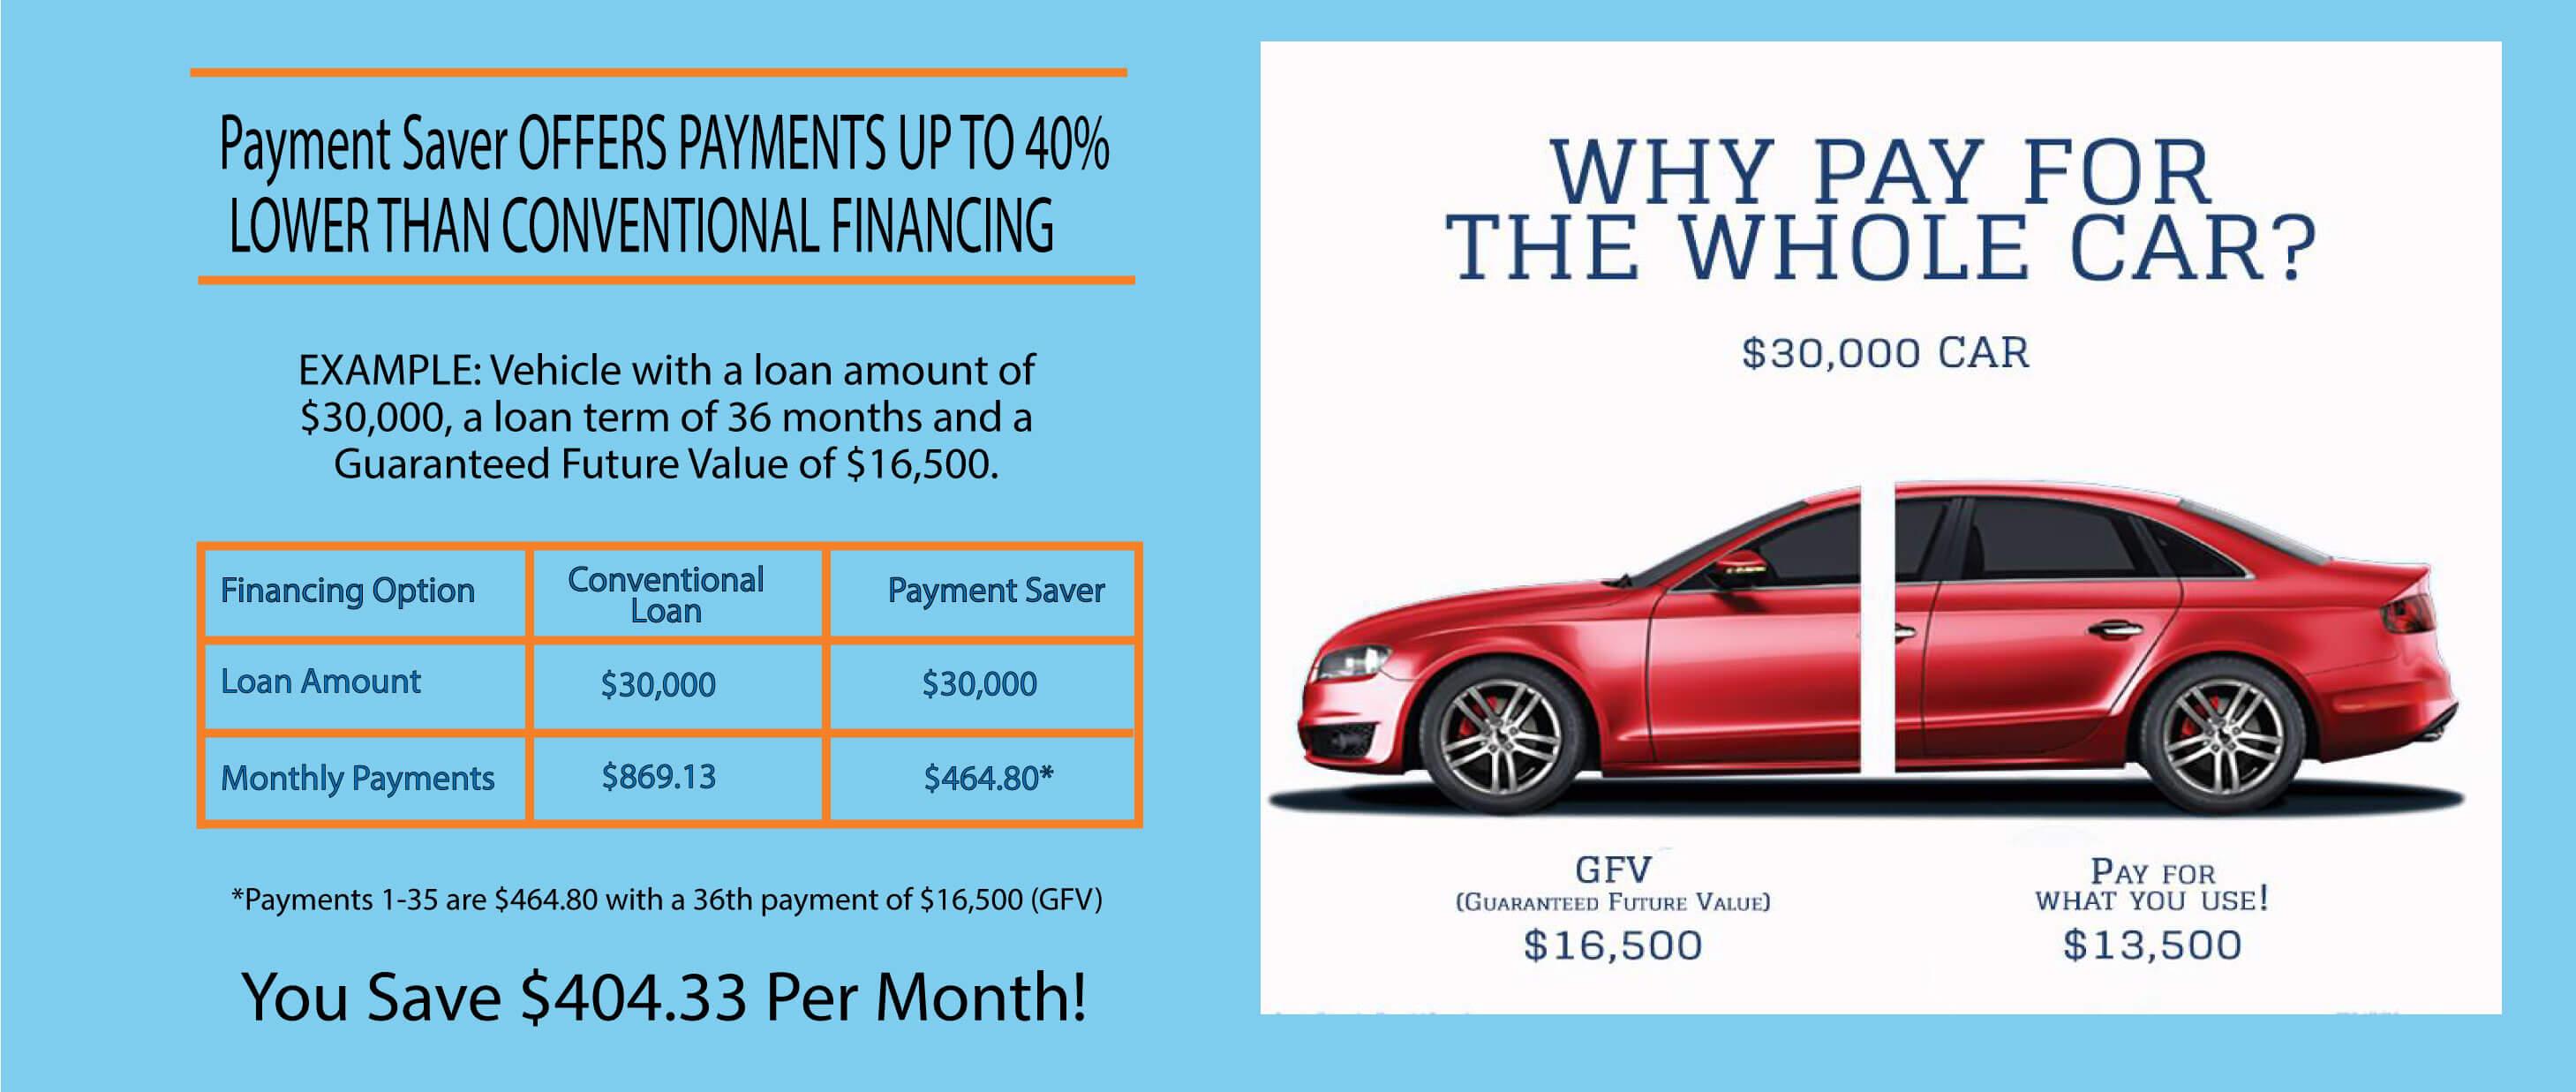 Apr for cash advances discover image 7